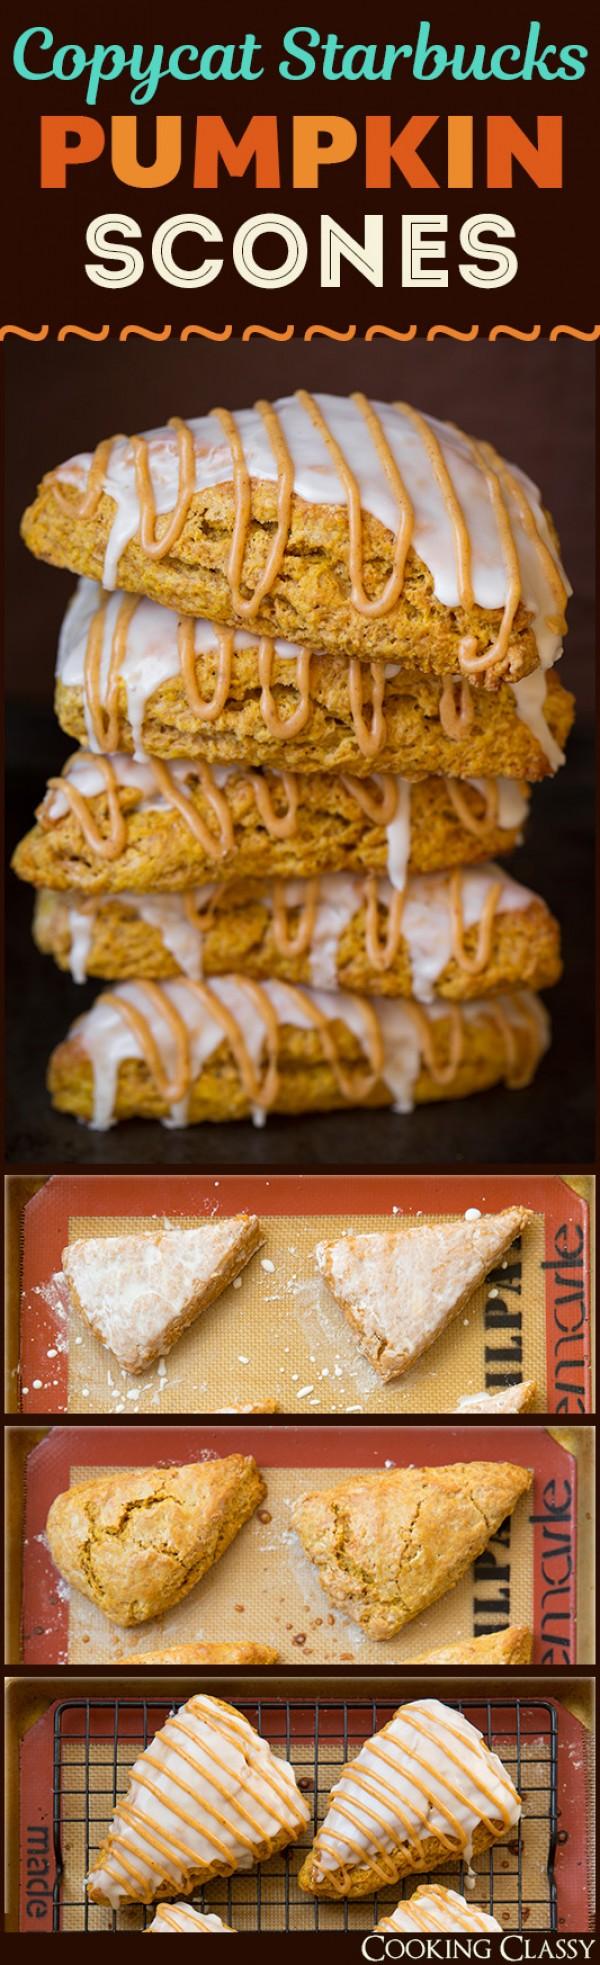 Get the recipe Pumpkin Scones @recipes_to_go